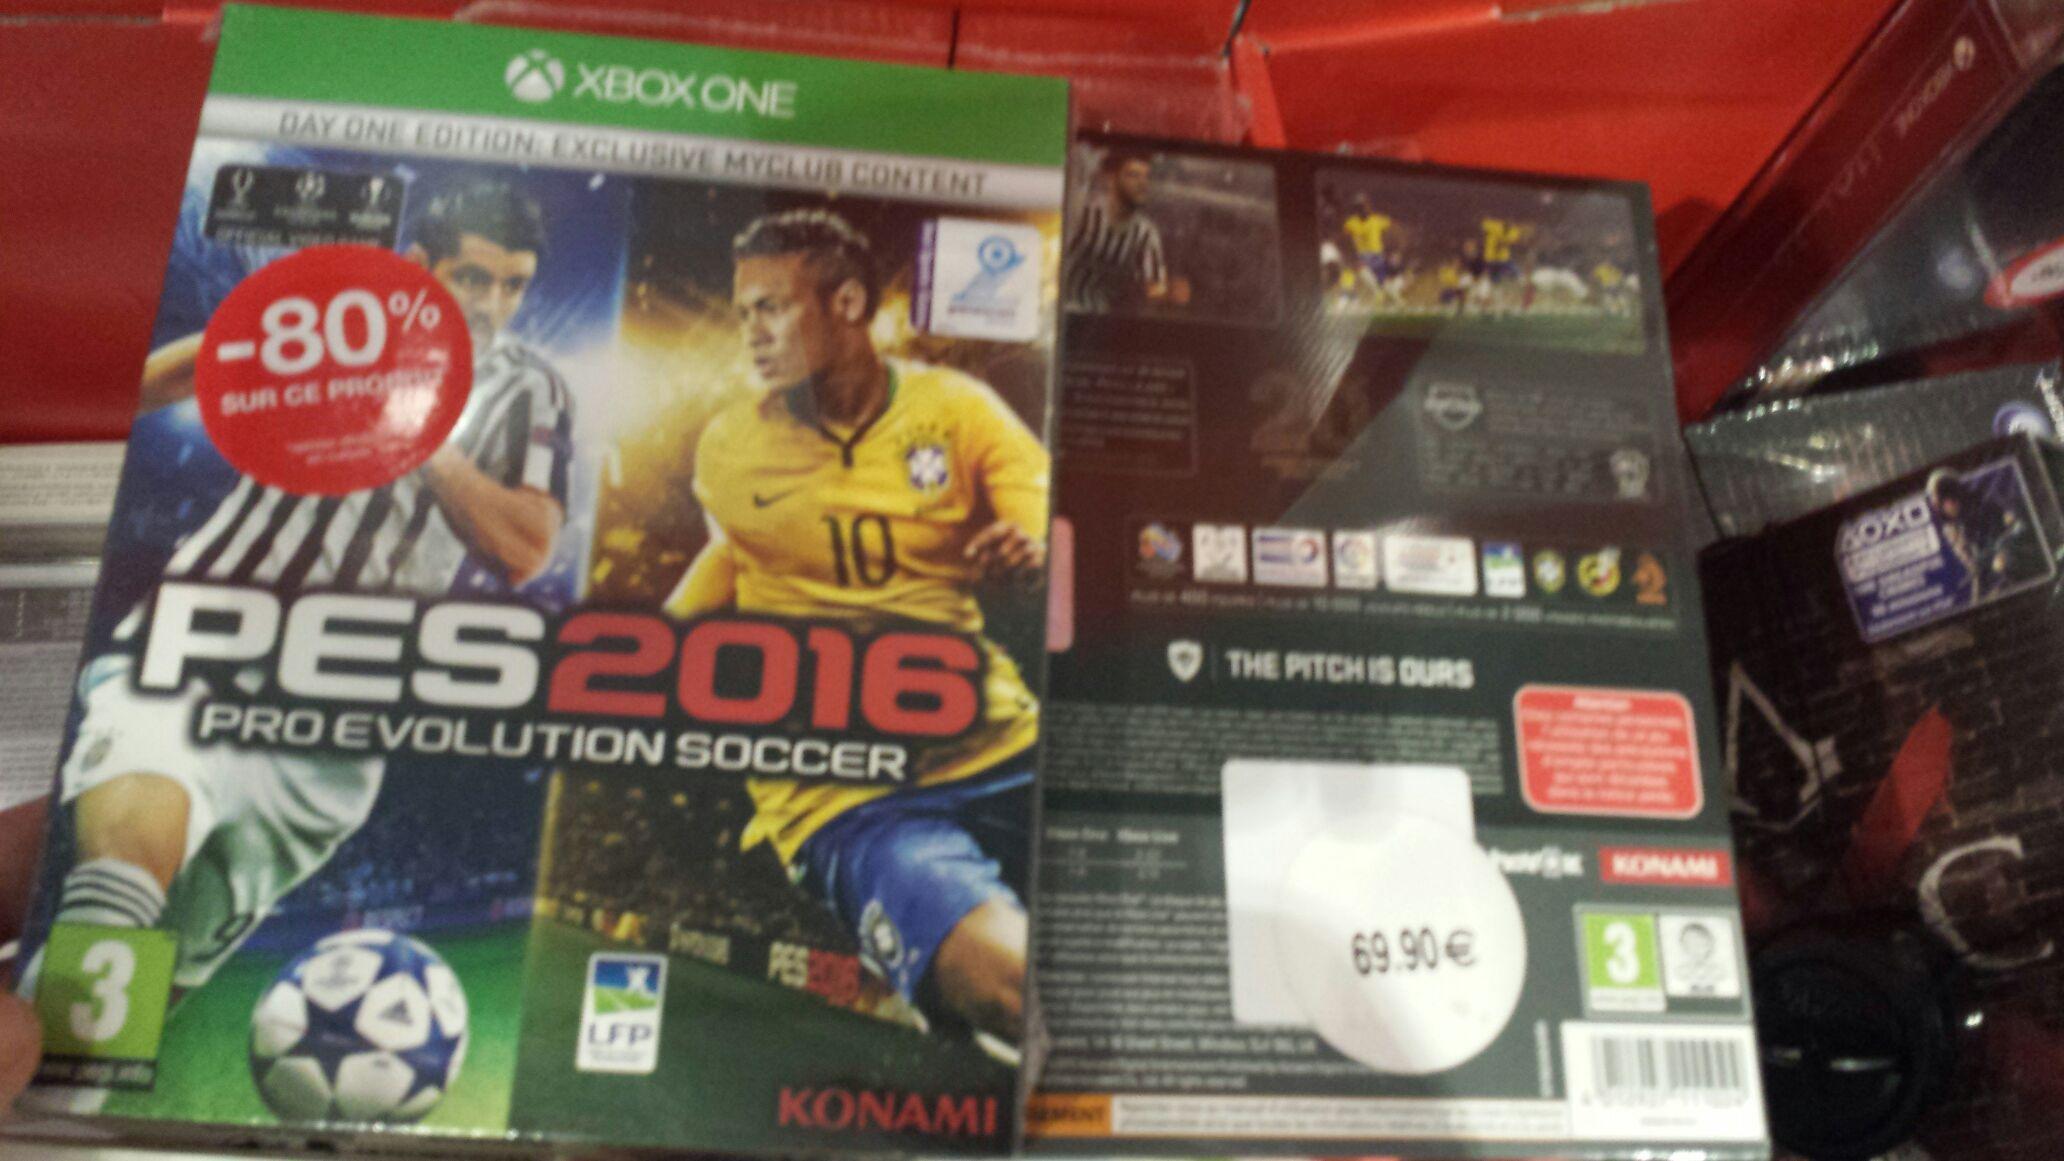 Sélection de jeux PS3 / Xbox 360 / Xbox One en promo - Ex : PES 2016 édition day One sur Xbox one